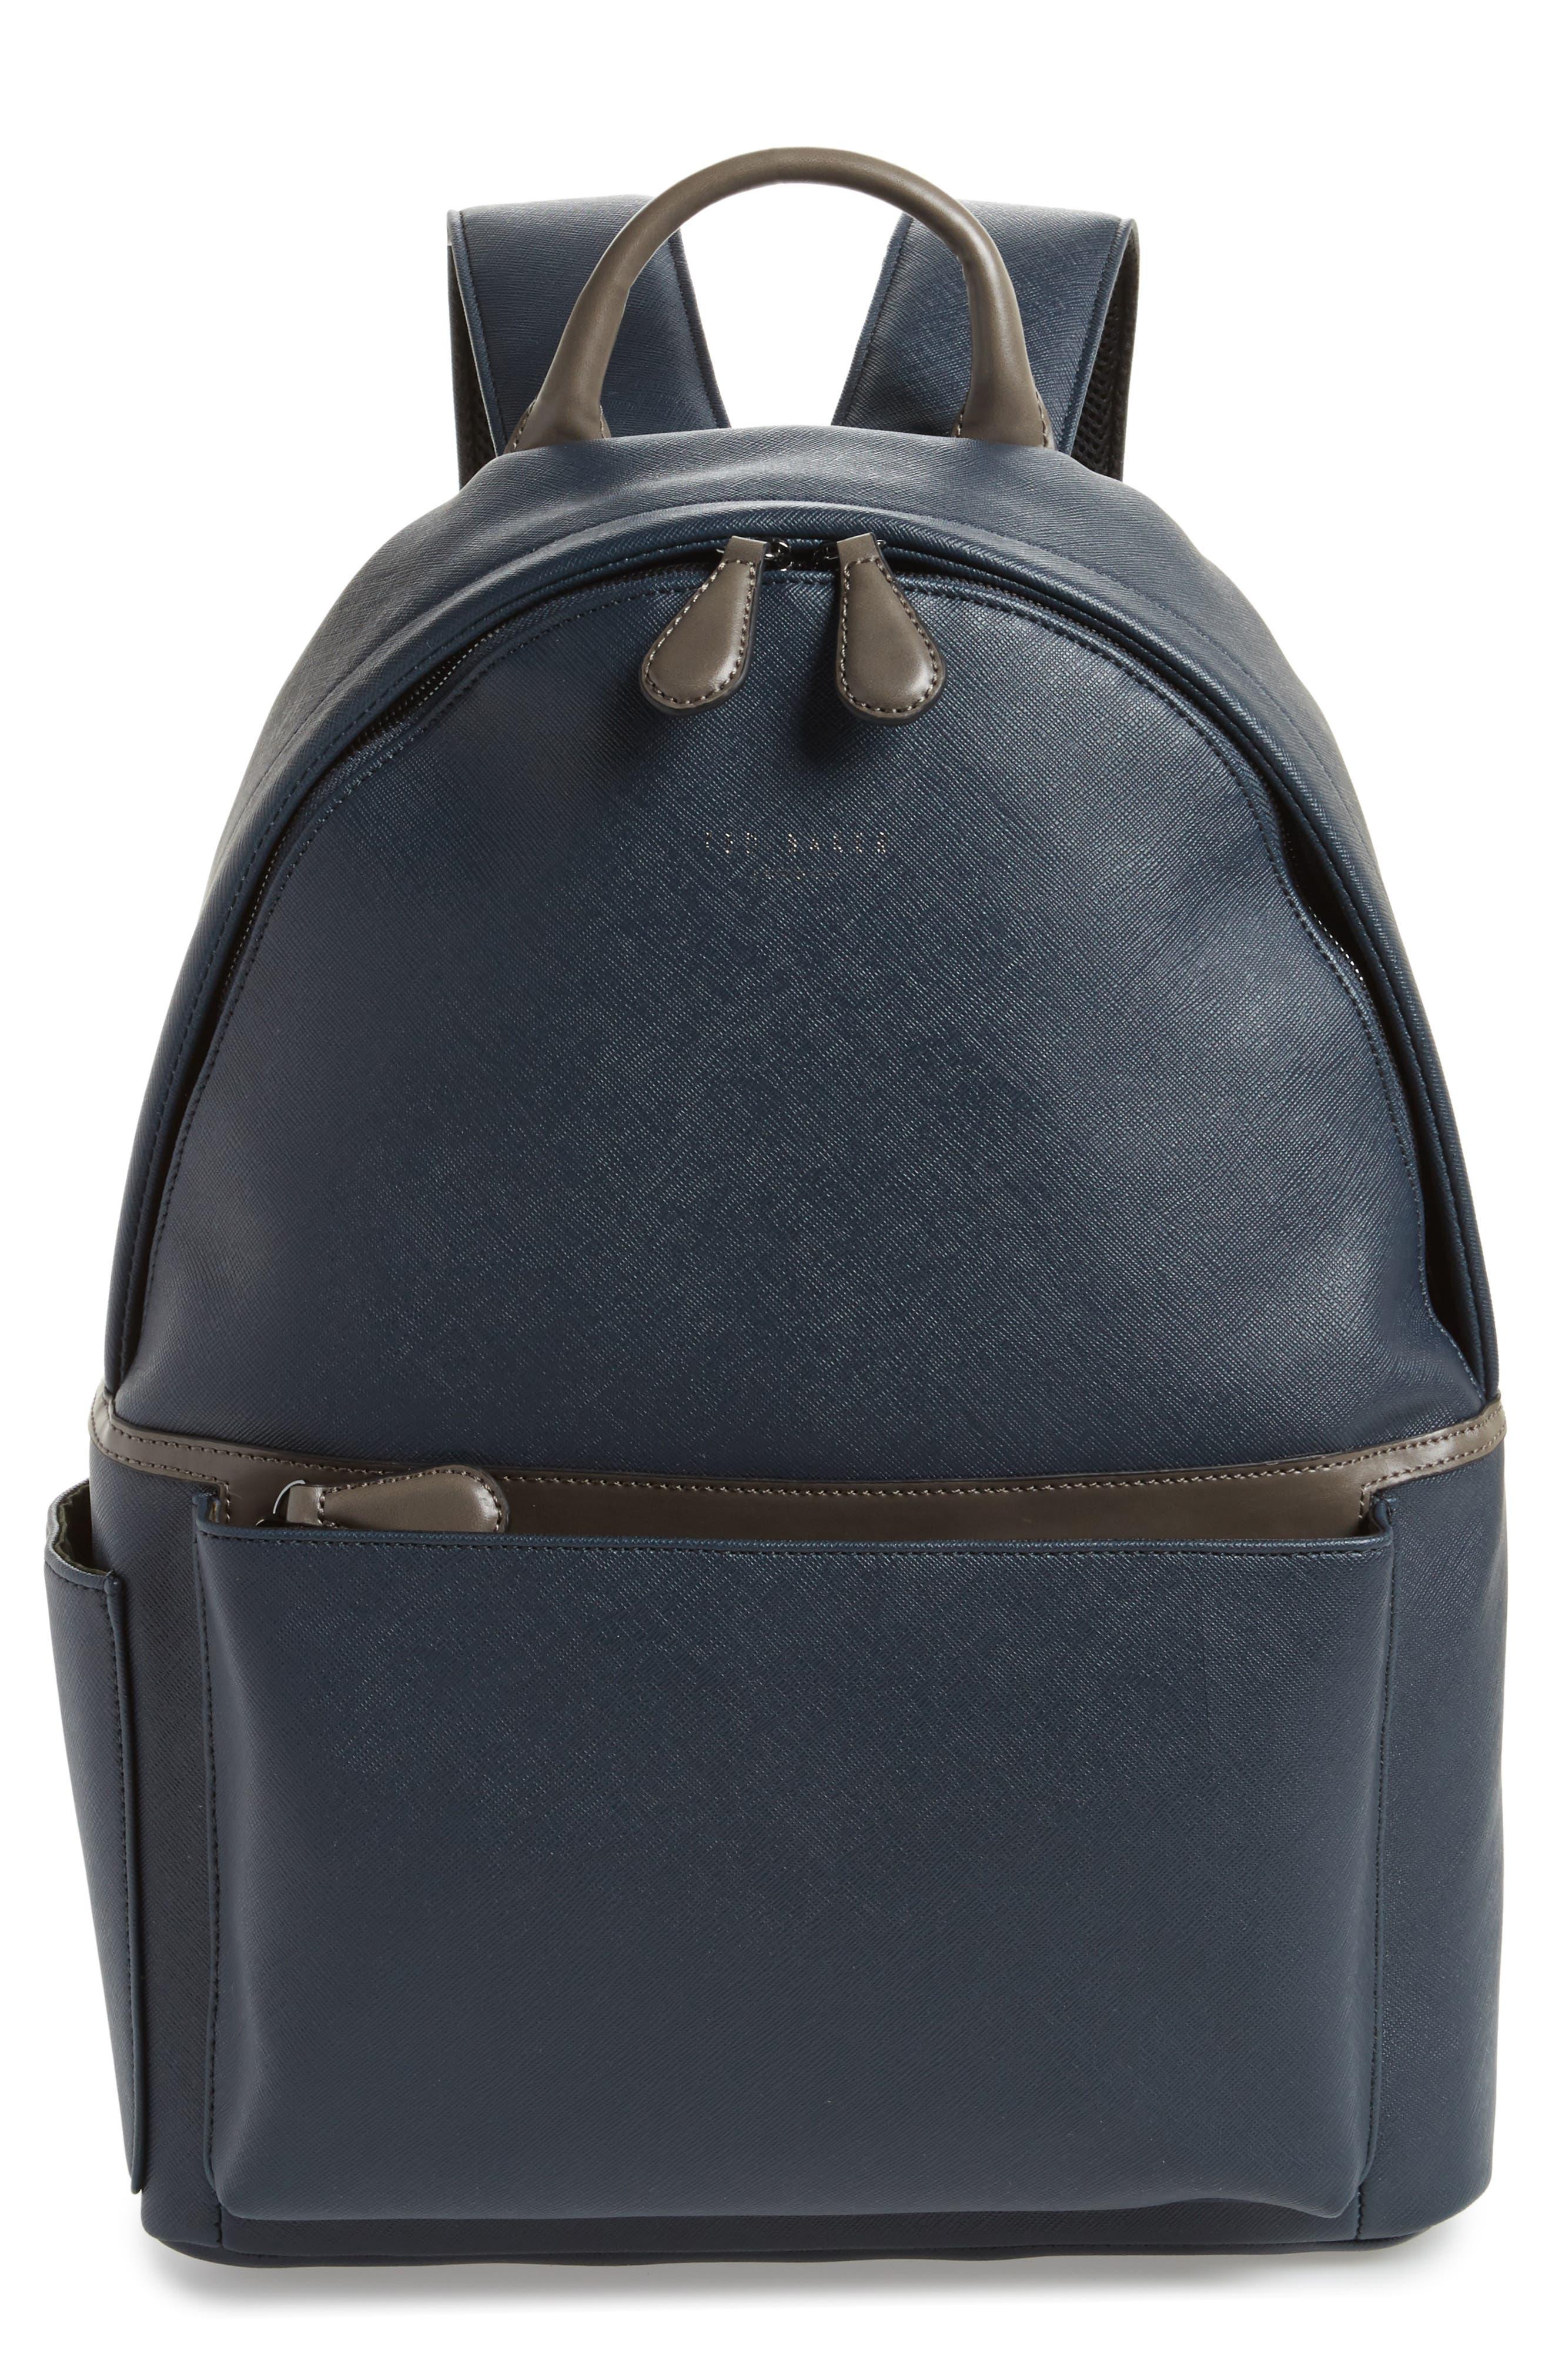 Baarley Backpack,                         Main,                         color, Navy